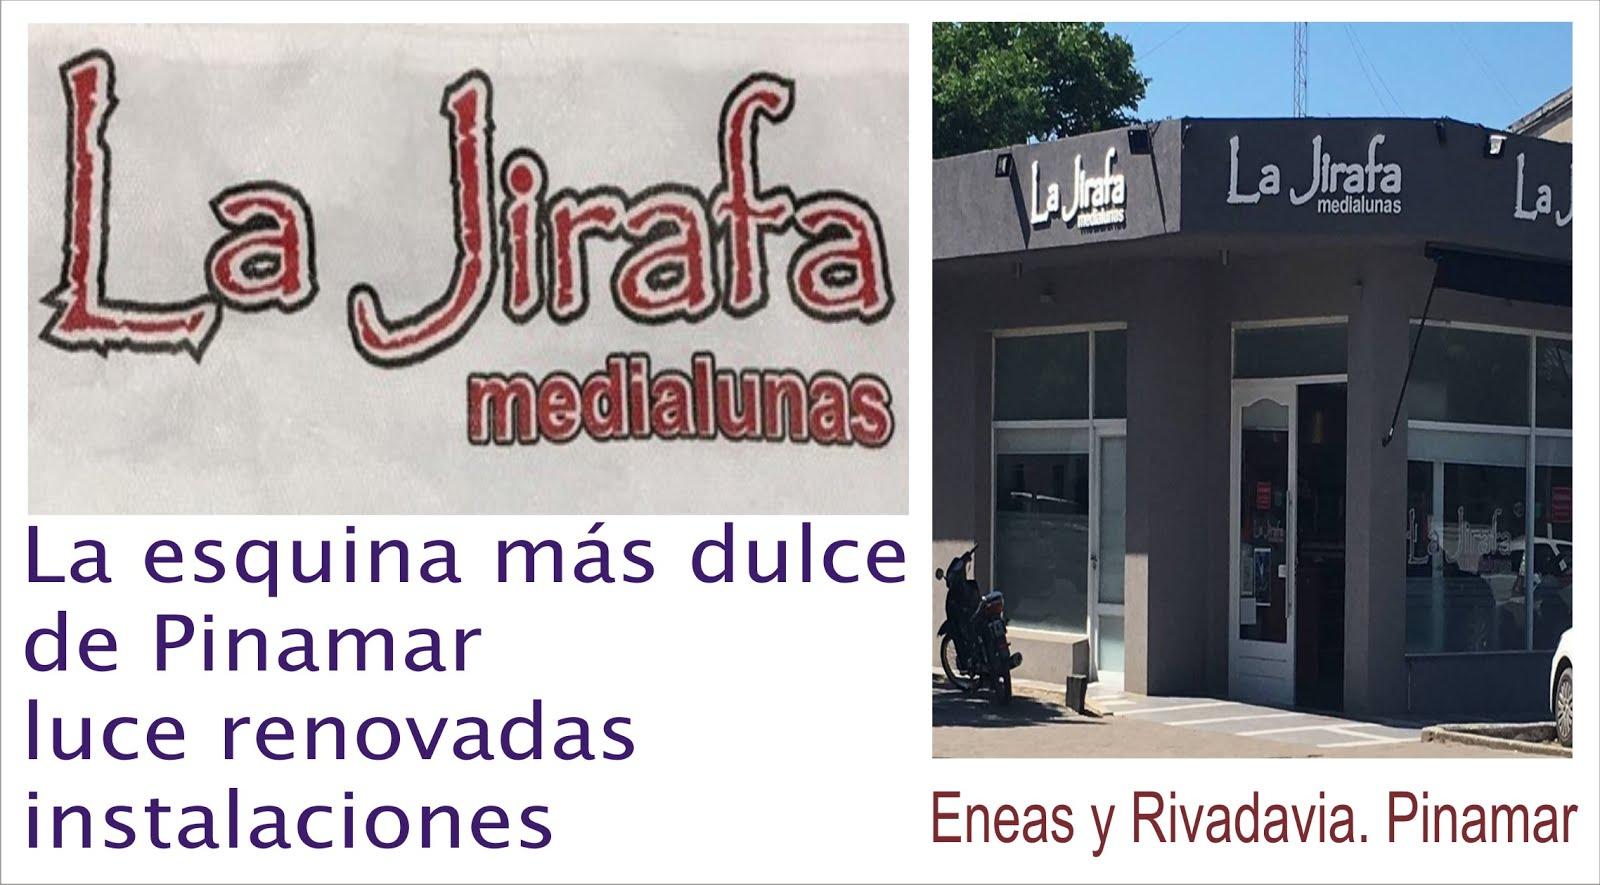 Medialunas La Jirafa